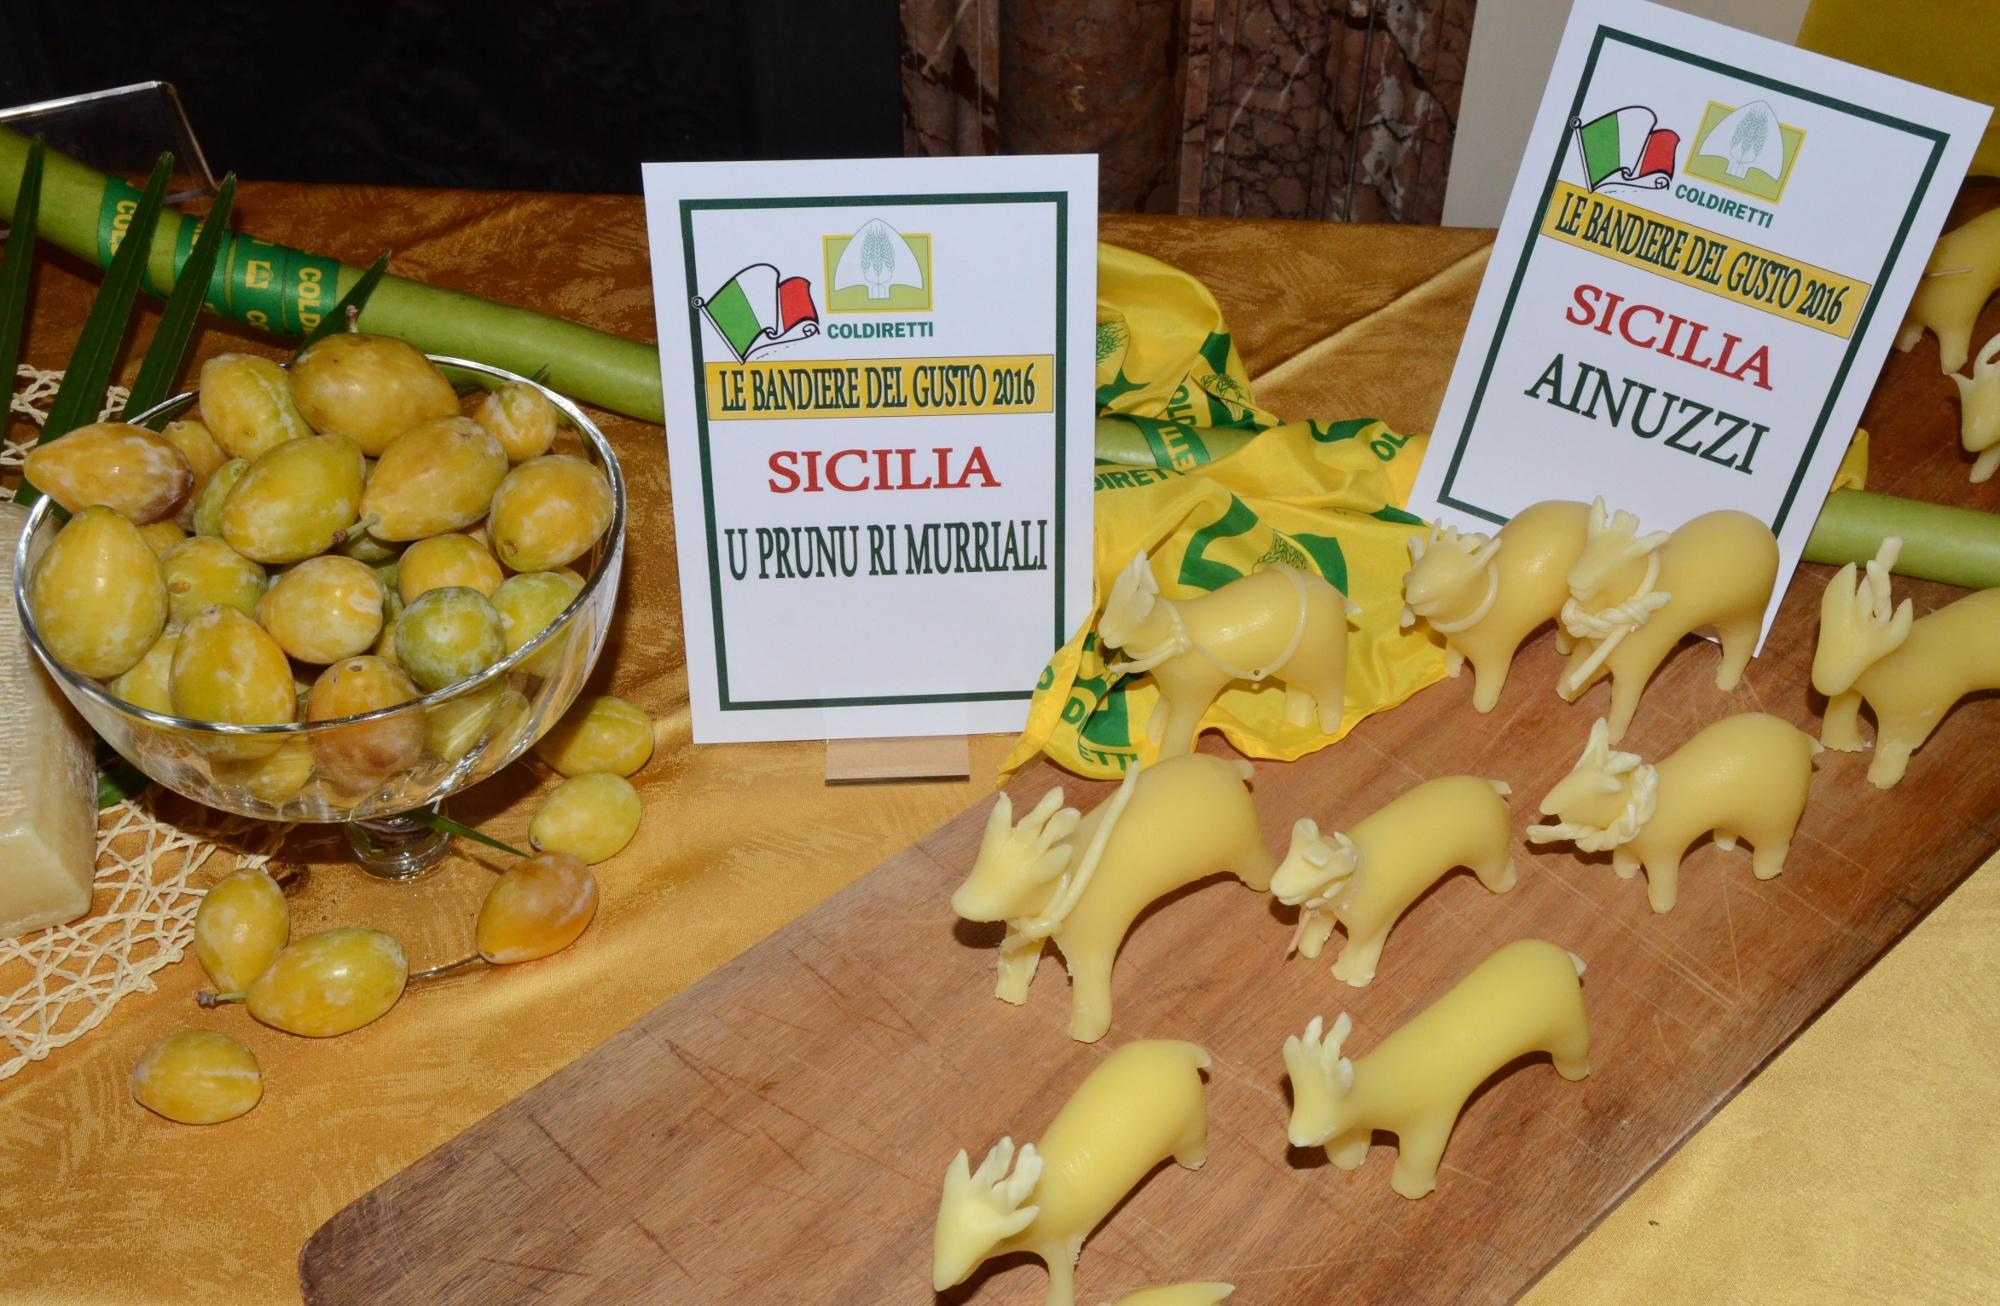 Salgono a 5056 le bandiere del gusto nel 2018: in Sicilia 245